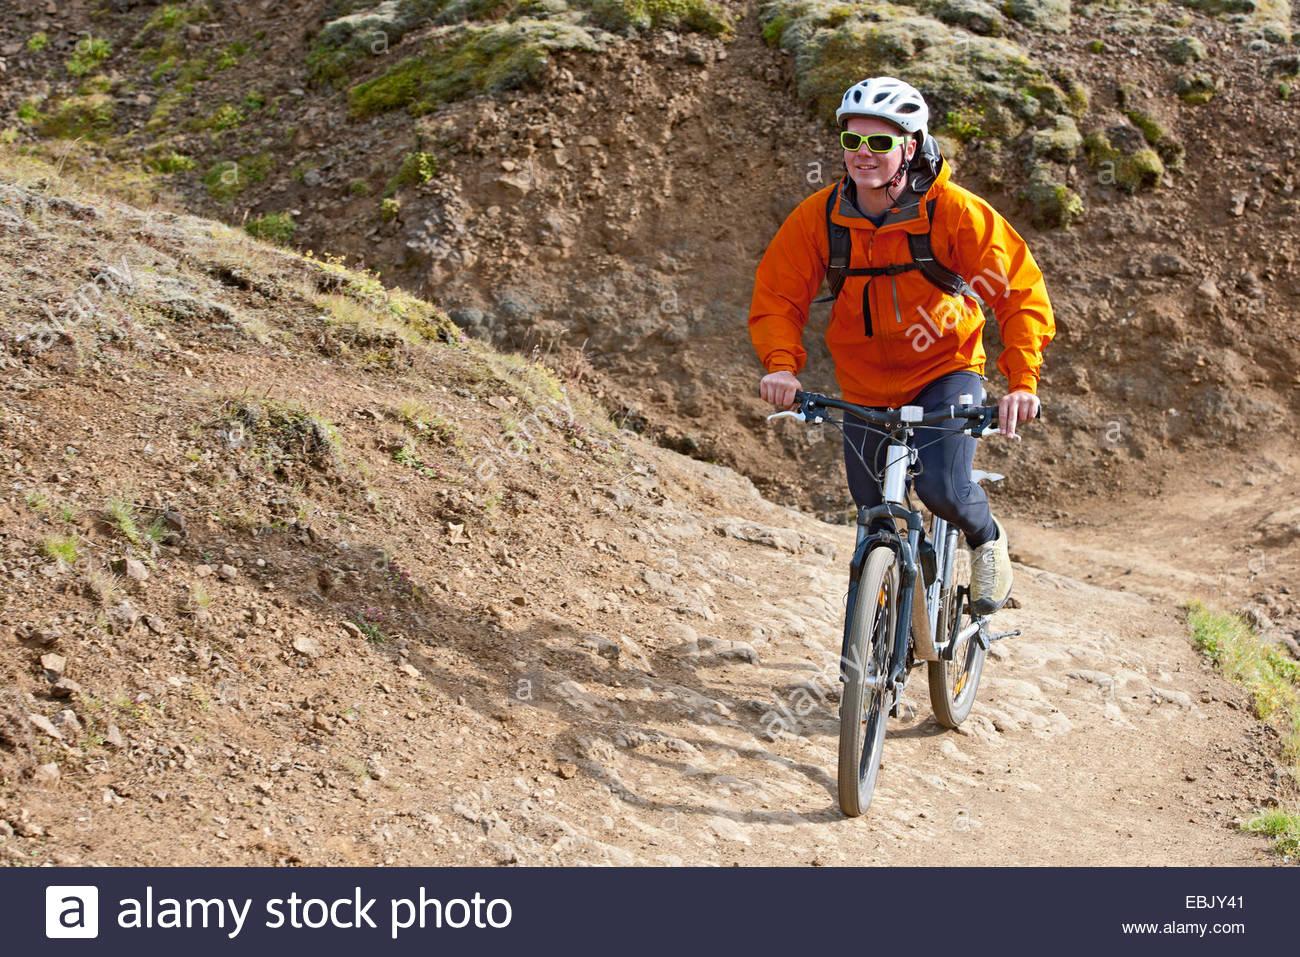 Giovane maschio mountain biker ciclismo su pista sterrata, Reykjadalur Valley, nel sud-ovest dell'Islanda Immagini Stock